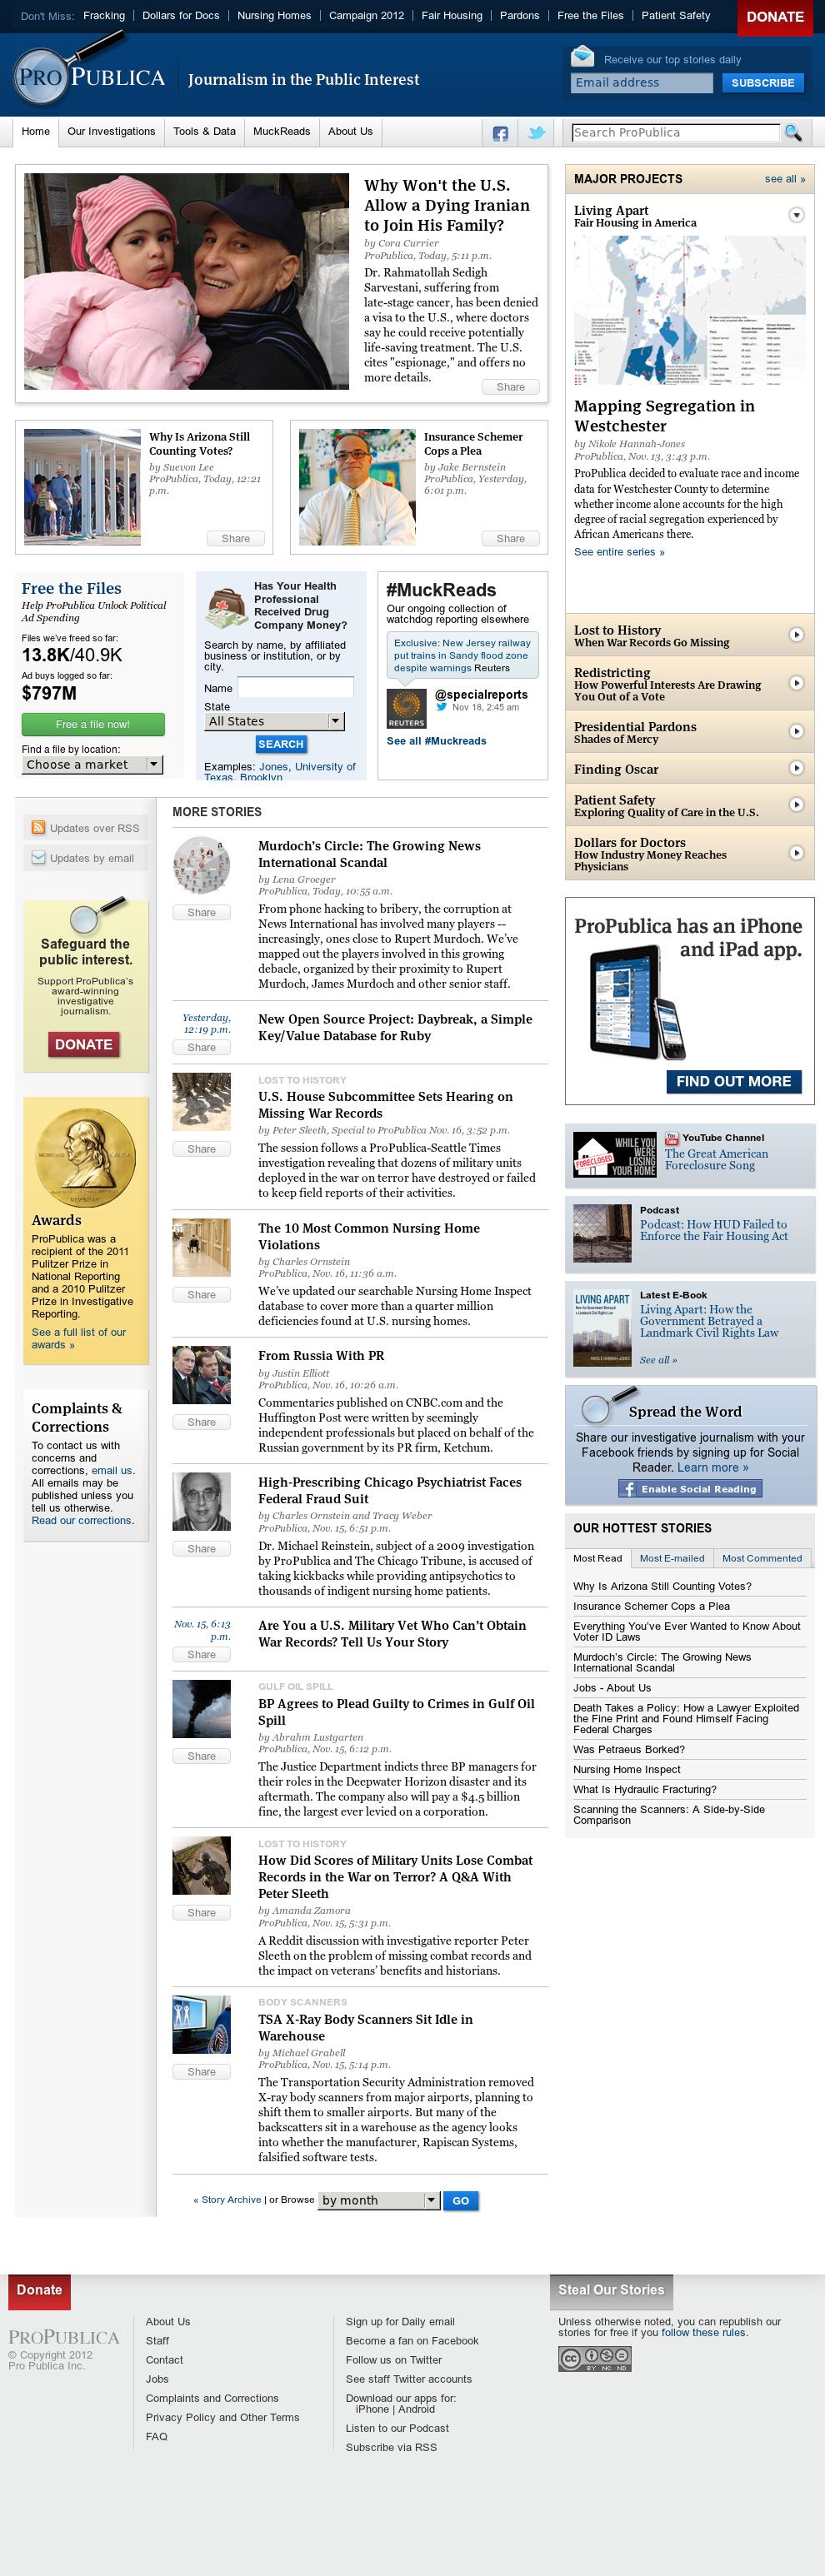 ProPublica at Tuesday Nov. 20, 2012, 11:26 p.m. UTC